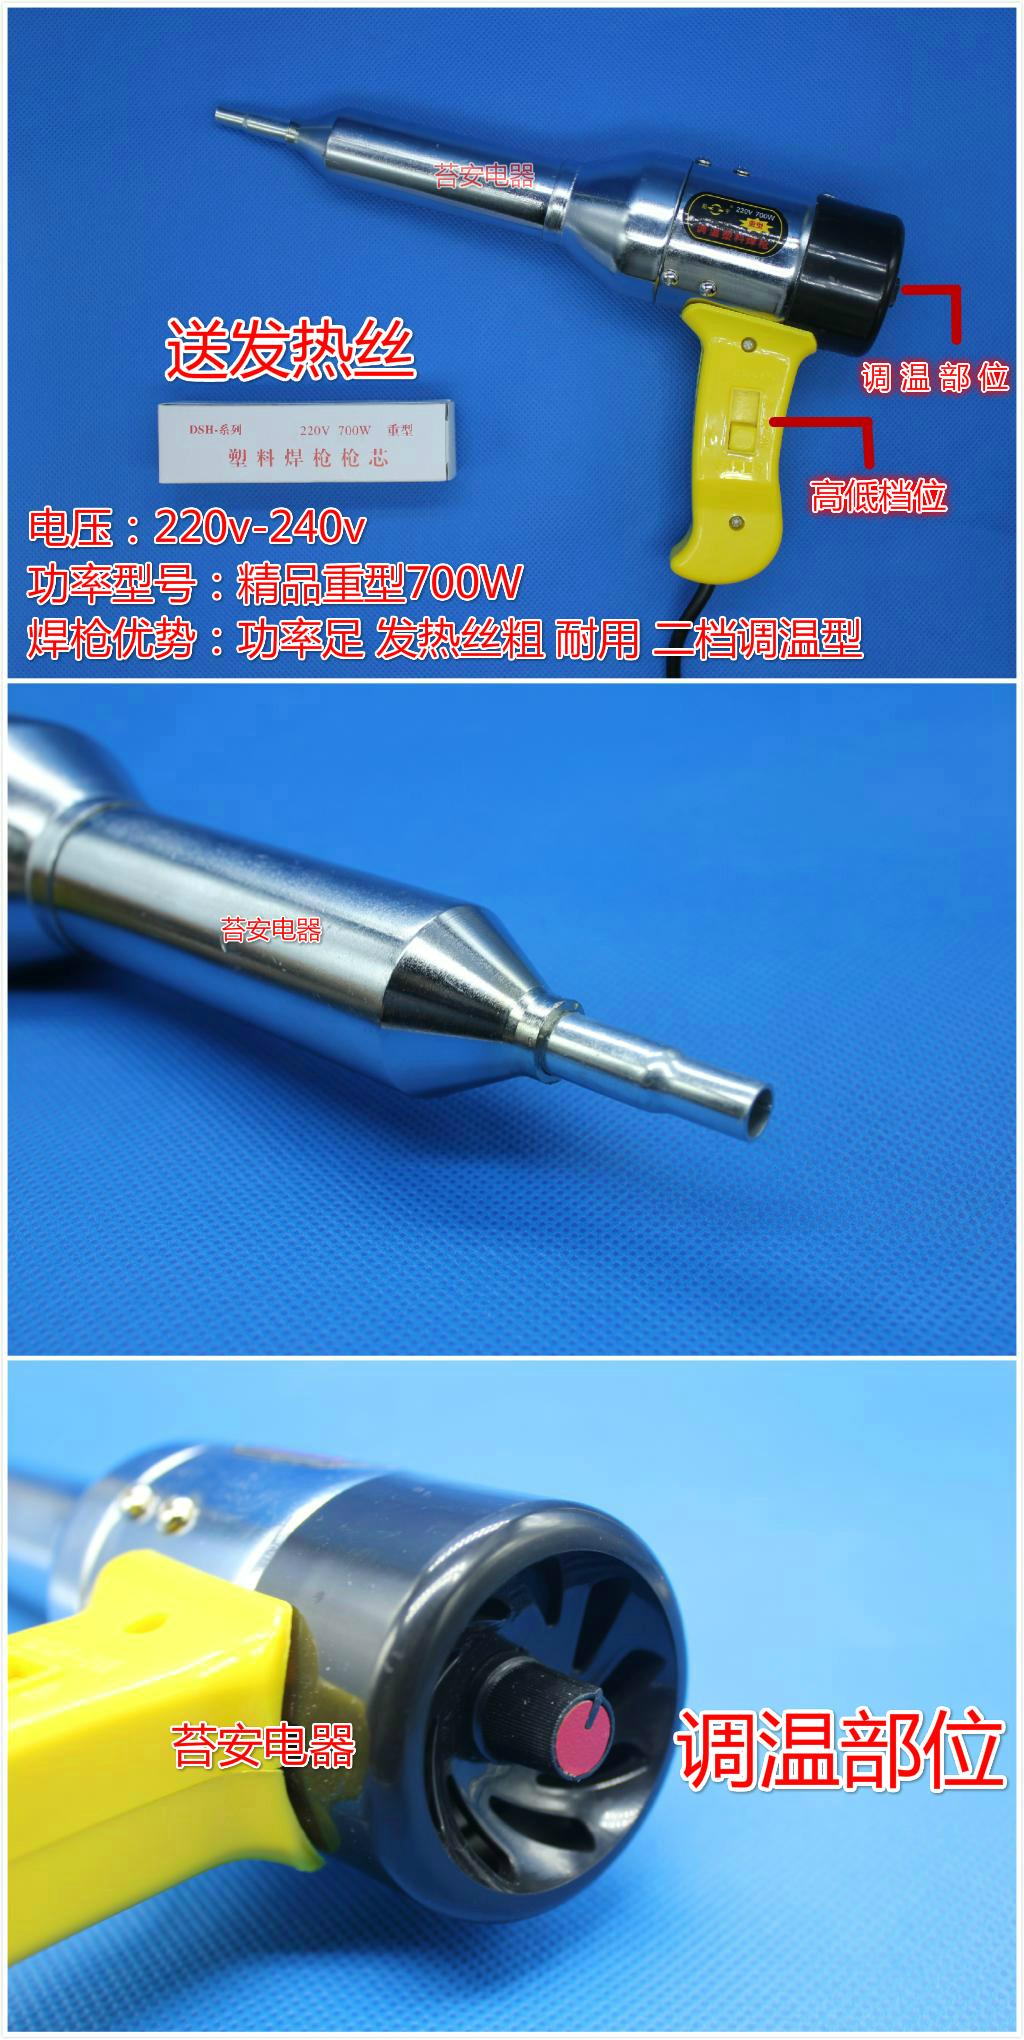 Термофен ДШ-б 500Вт термостат пластиковый пистолет пластиковый сварочной горелки 700 Вт пистолет горячего воздуха сувенирный пистолет с соплом воздуха может быть+8 сварочная проволока